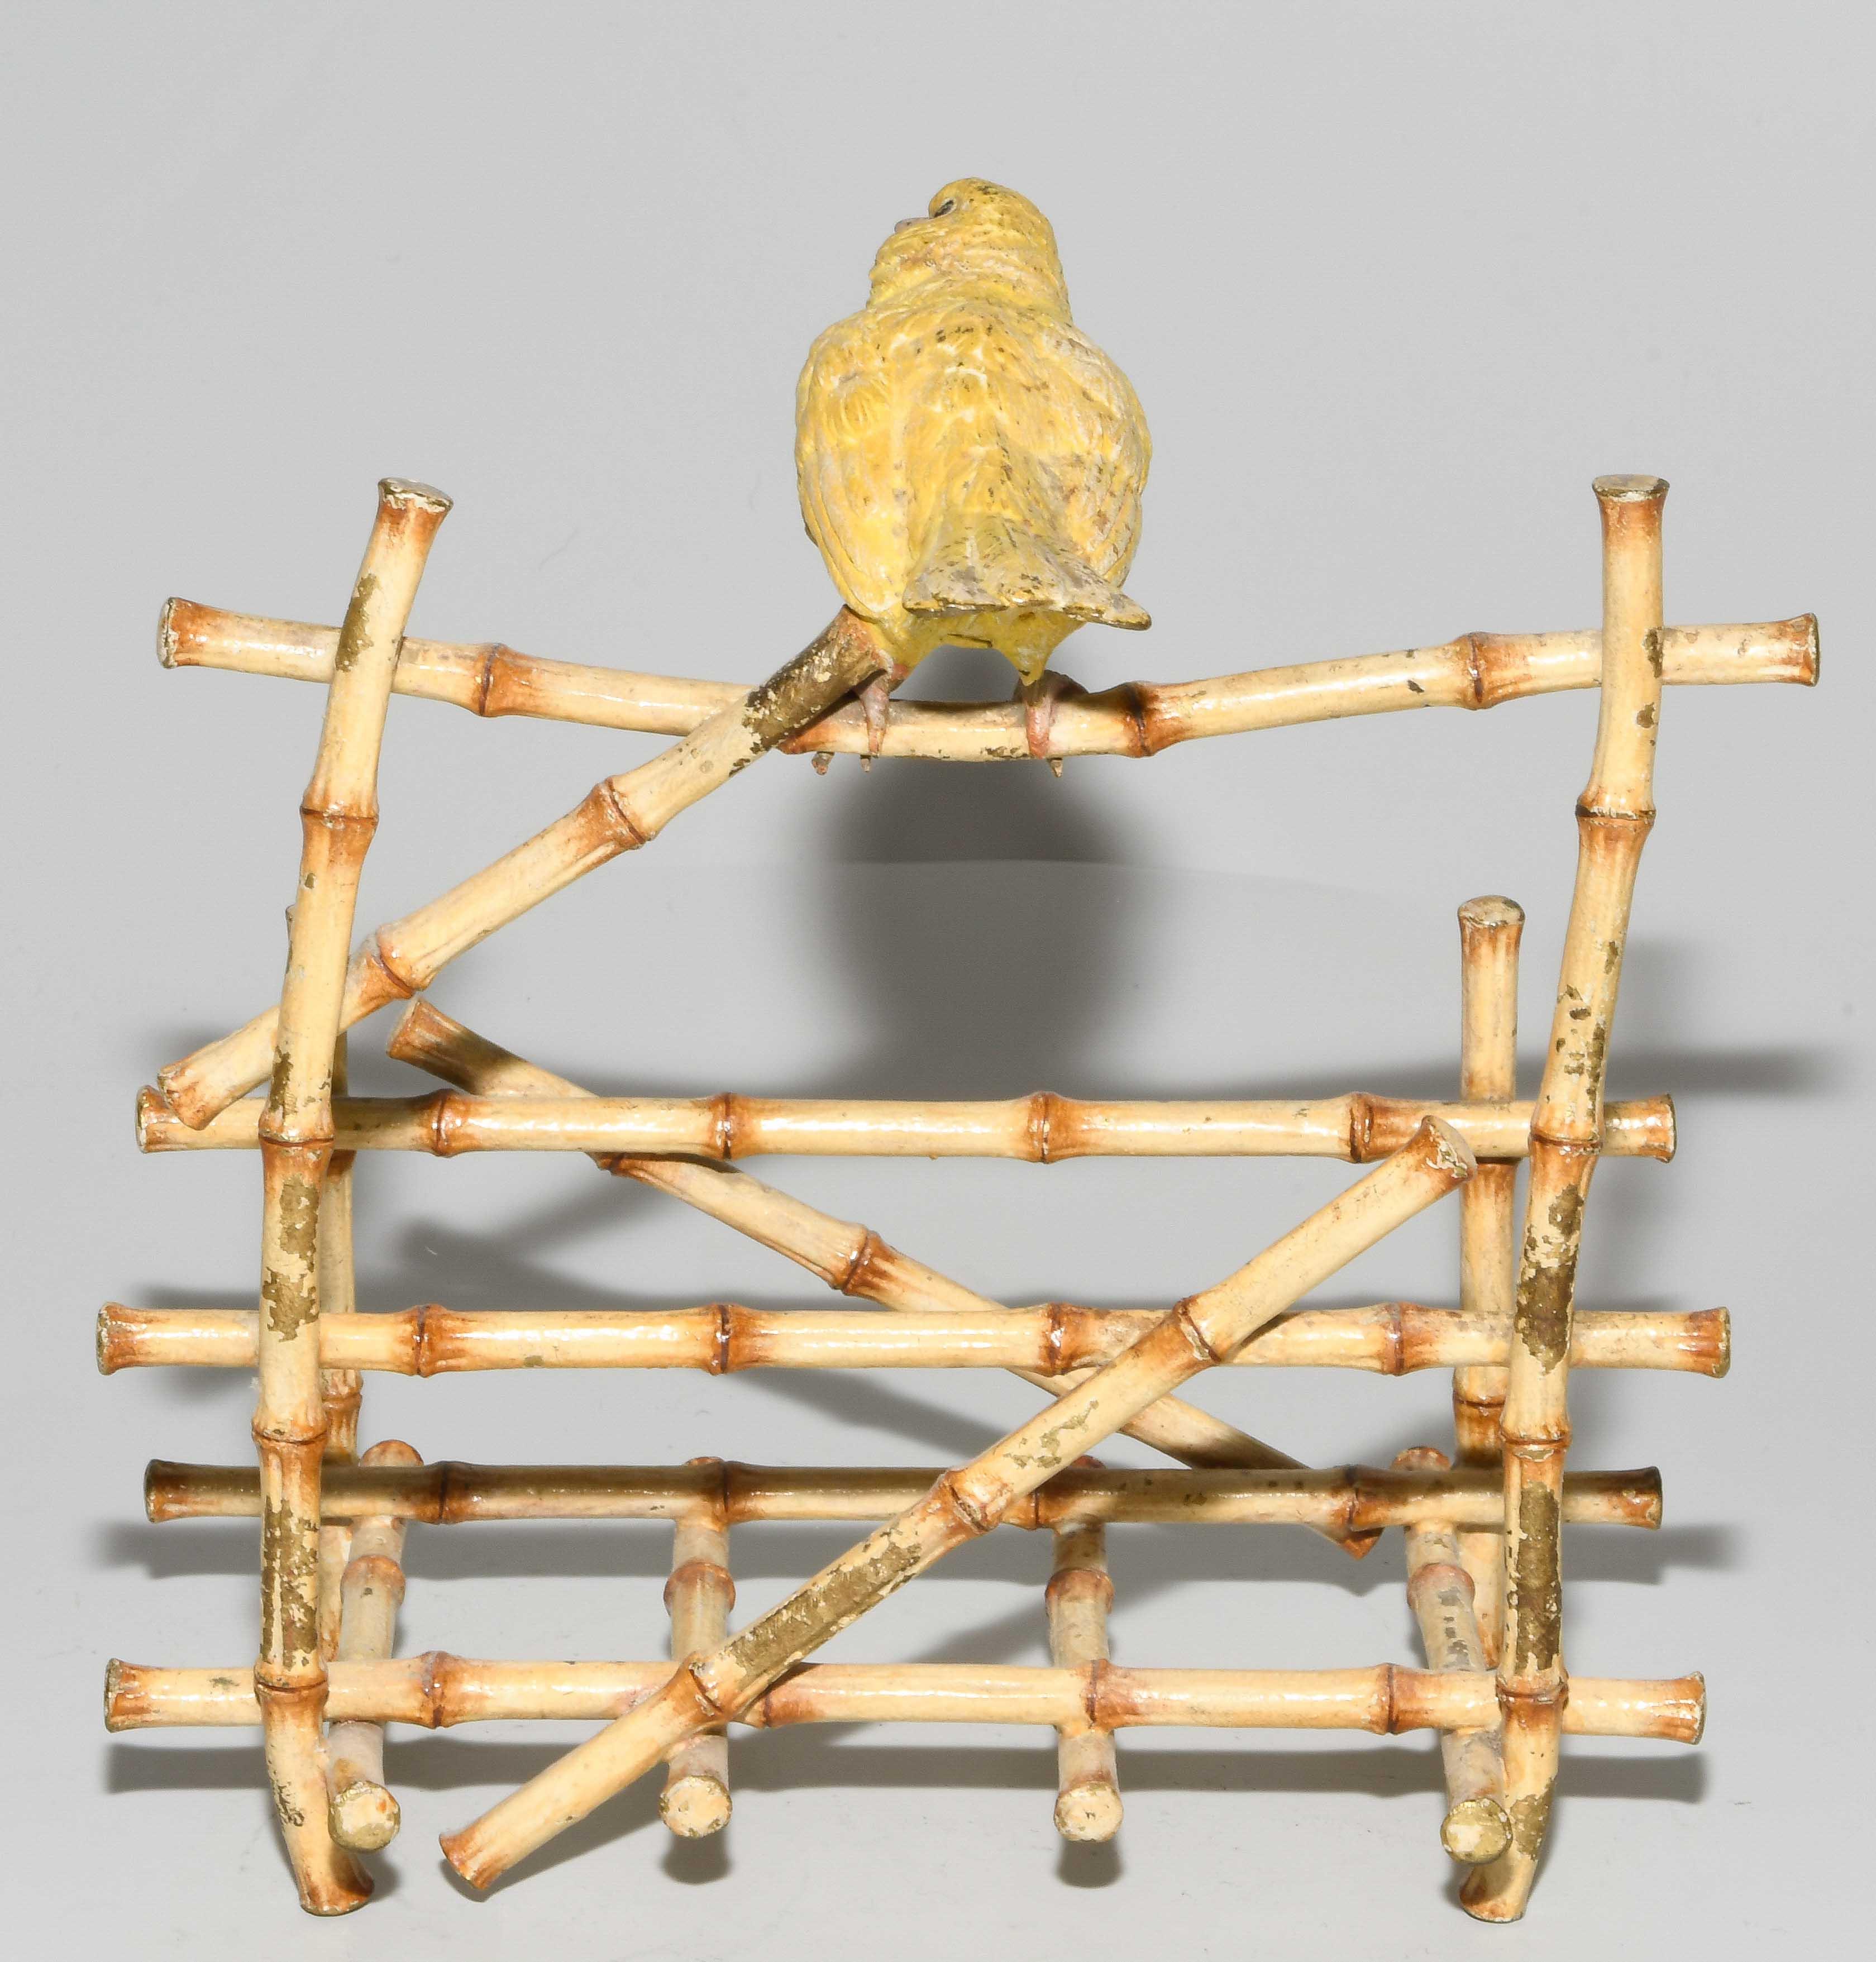 Tierfigur / Ablage - Image 4 of 6